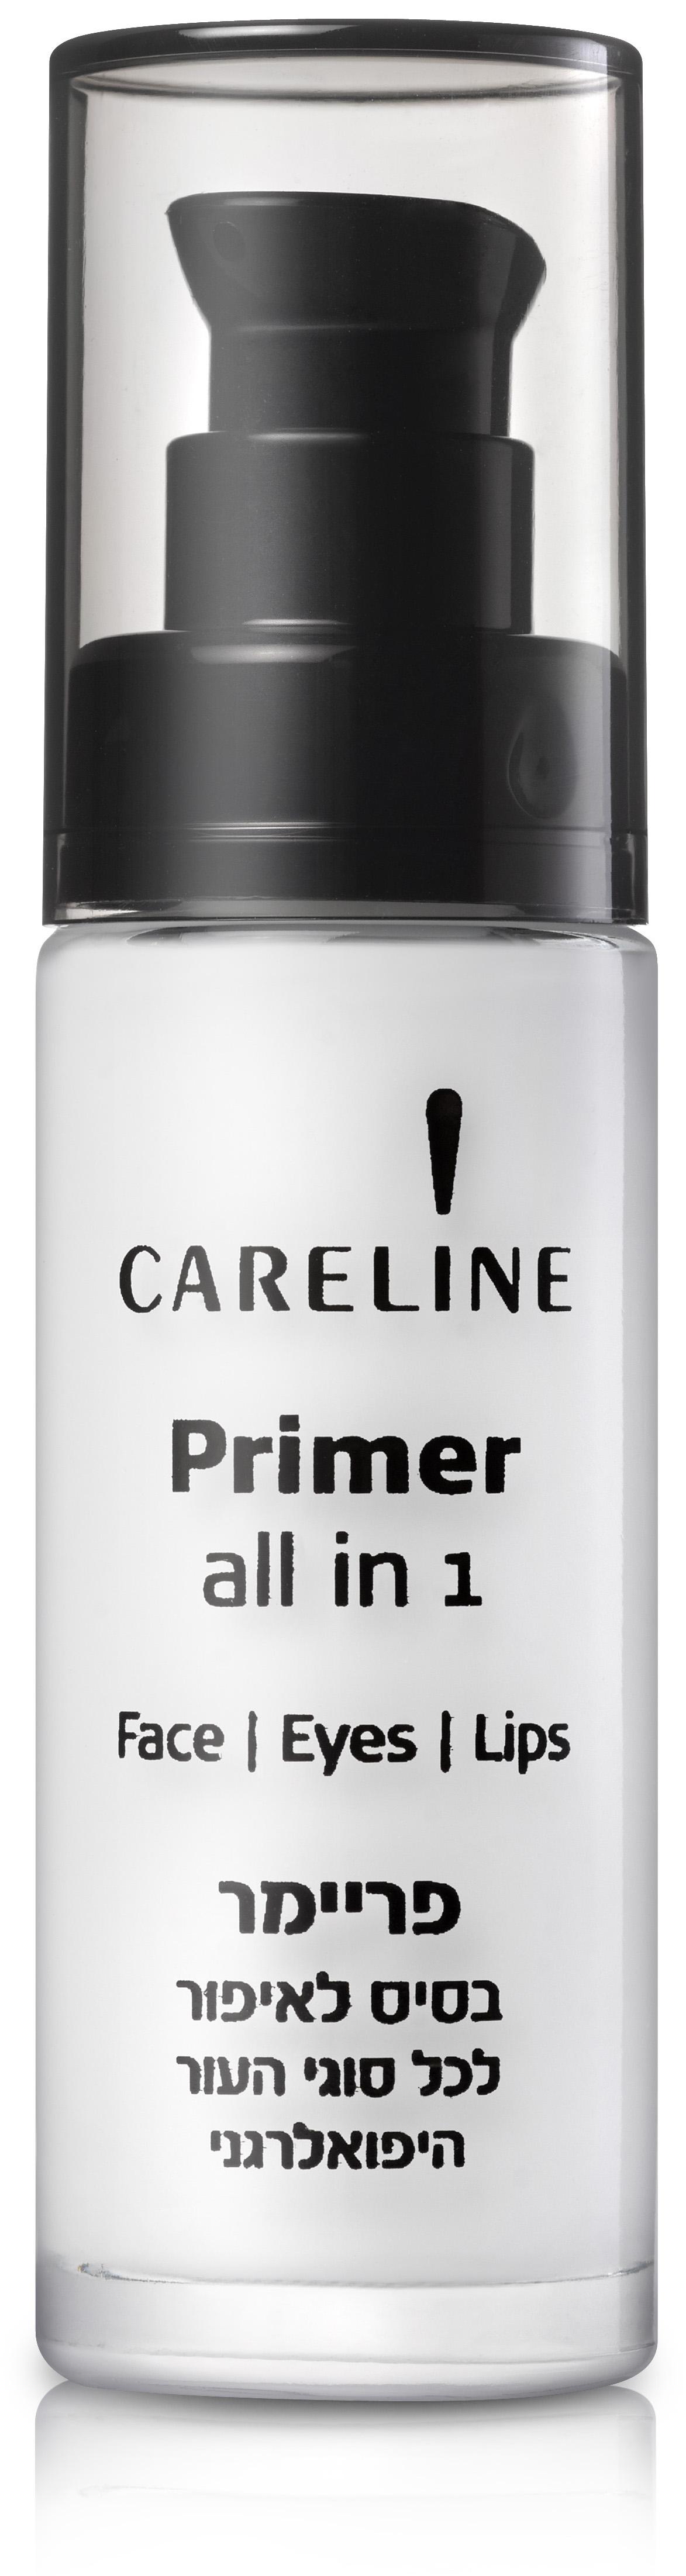 פריימר לפנים, עיניים ושפתיים Careline All-in-1 Primer